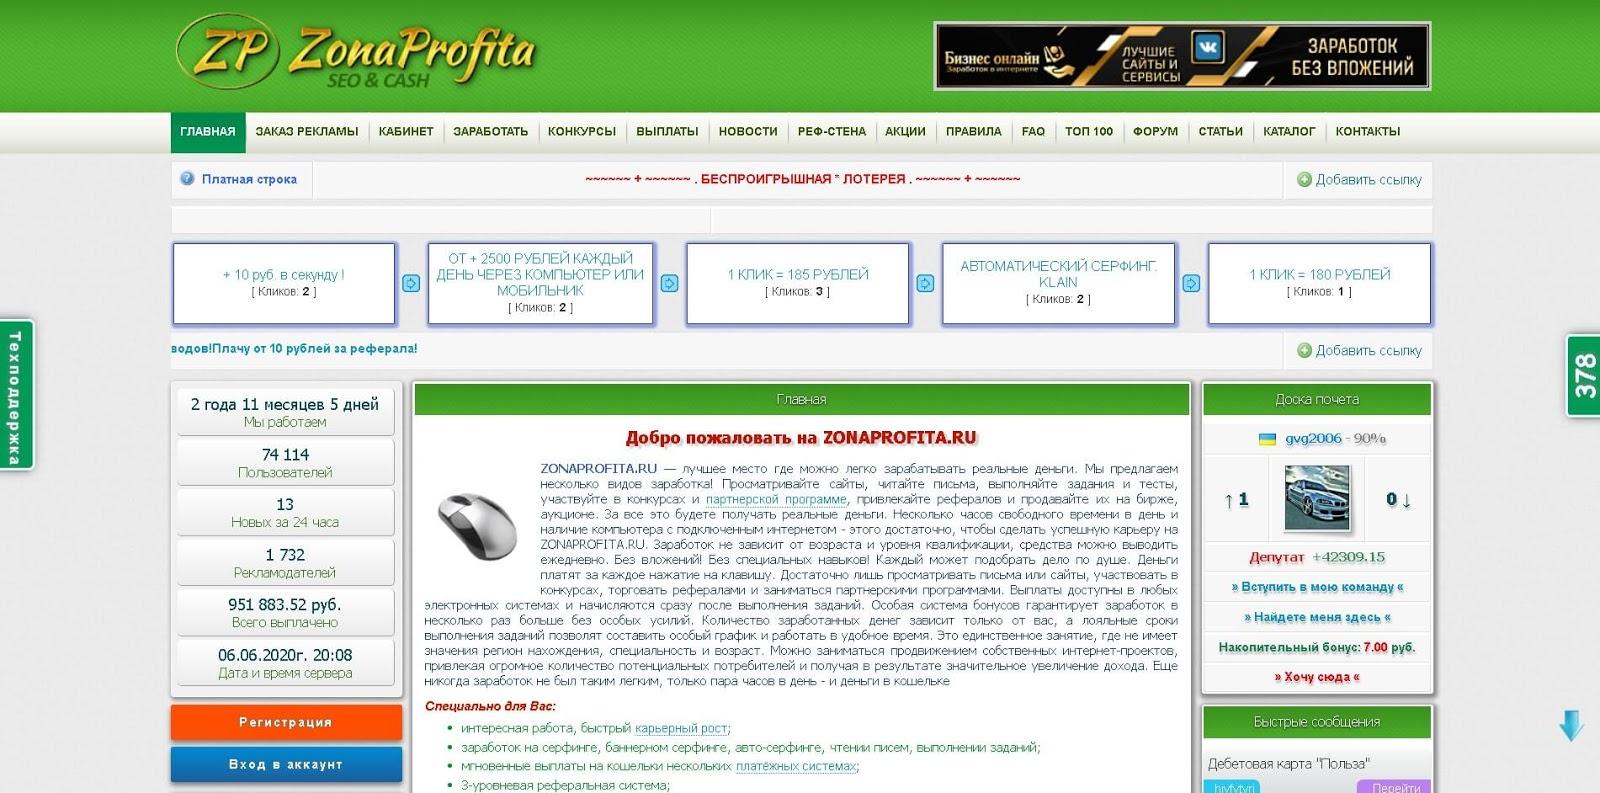 zonaprofita-glavnaya-stranicza